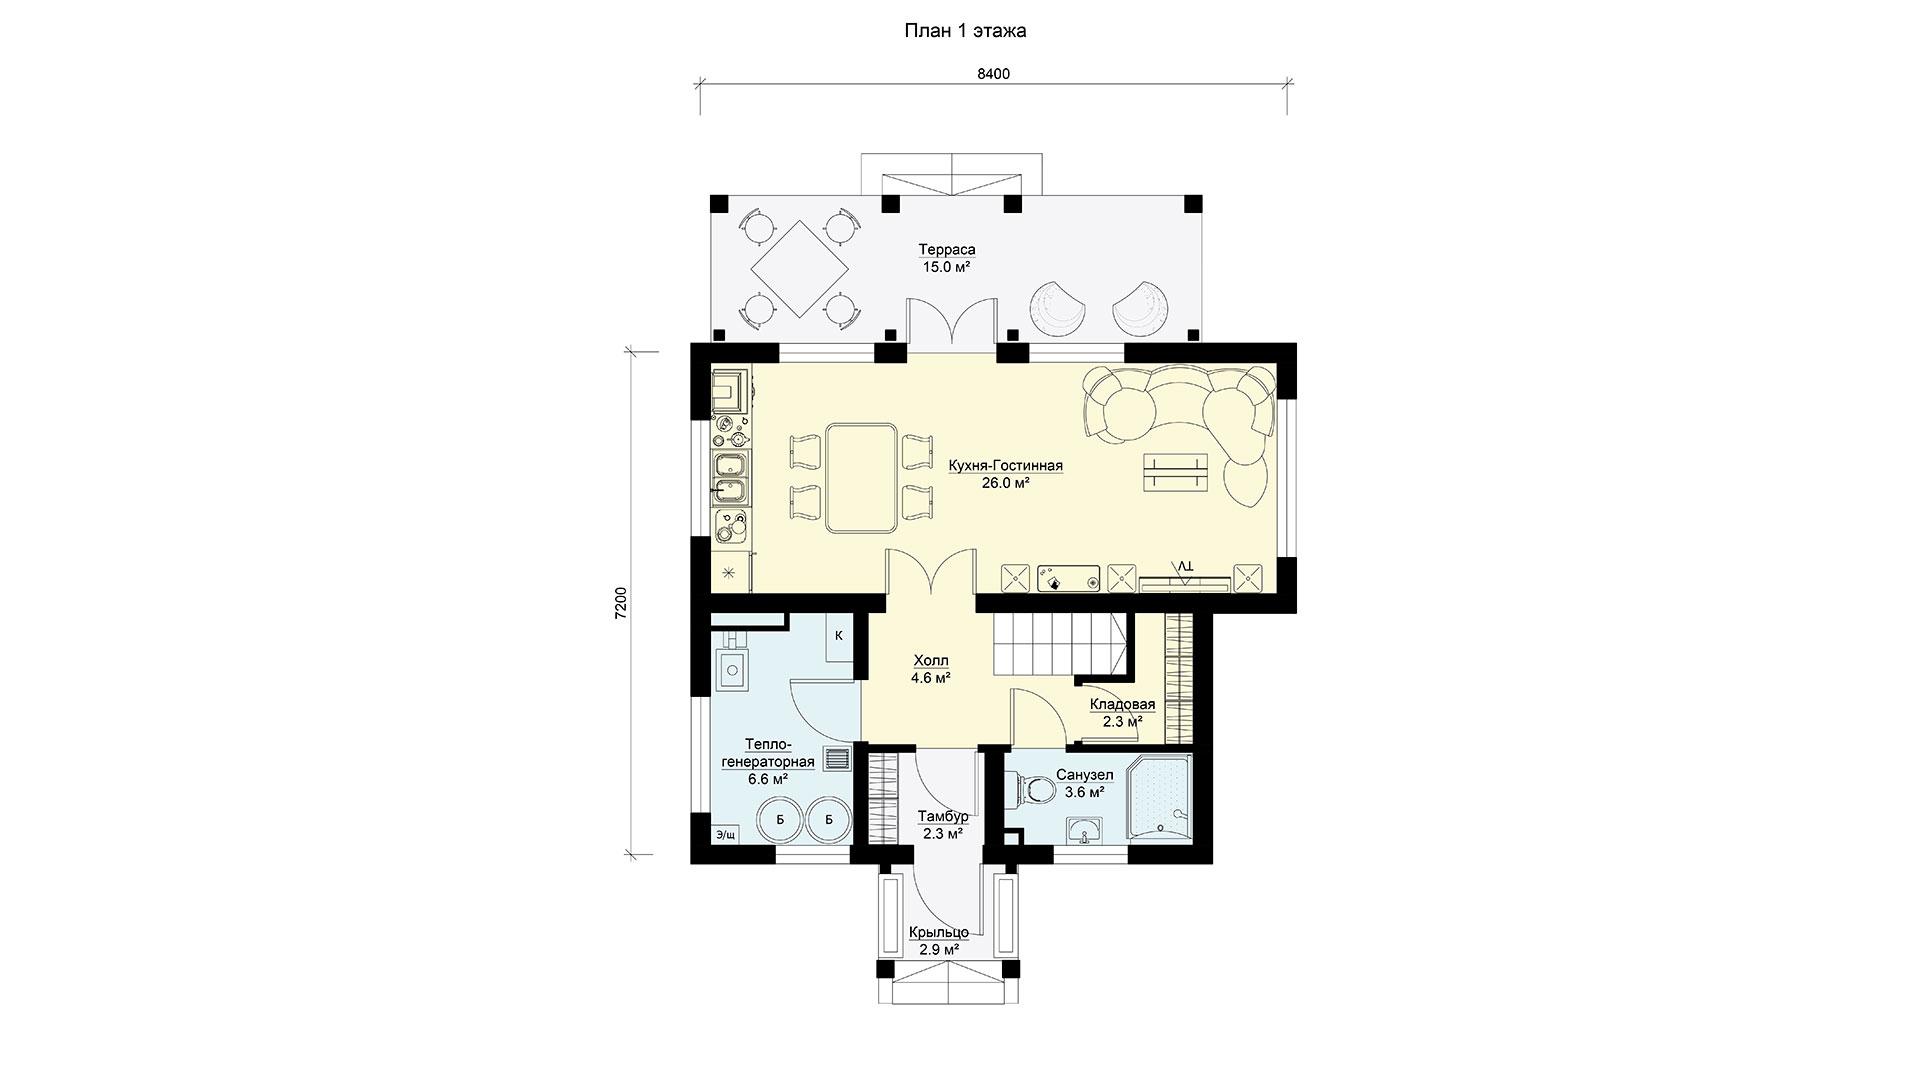 План первого этажа двухэтажного дома БЭНПАН, проект БП-112.